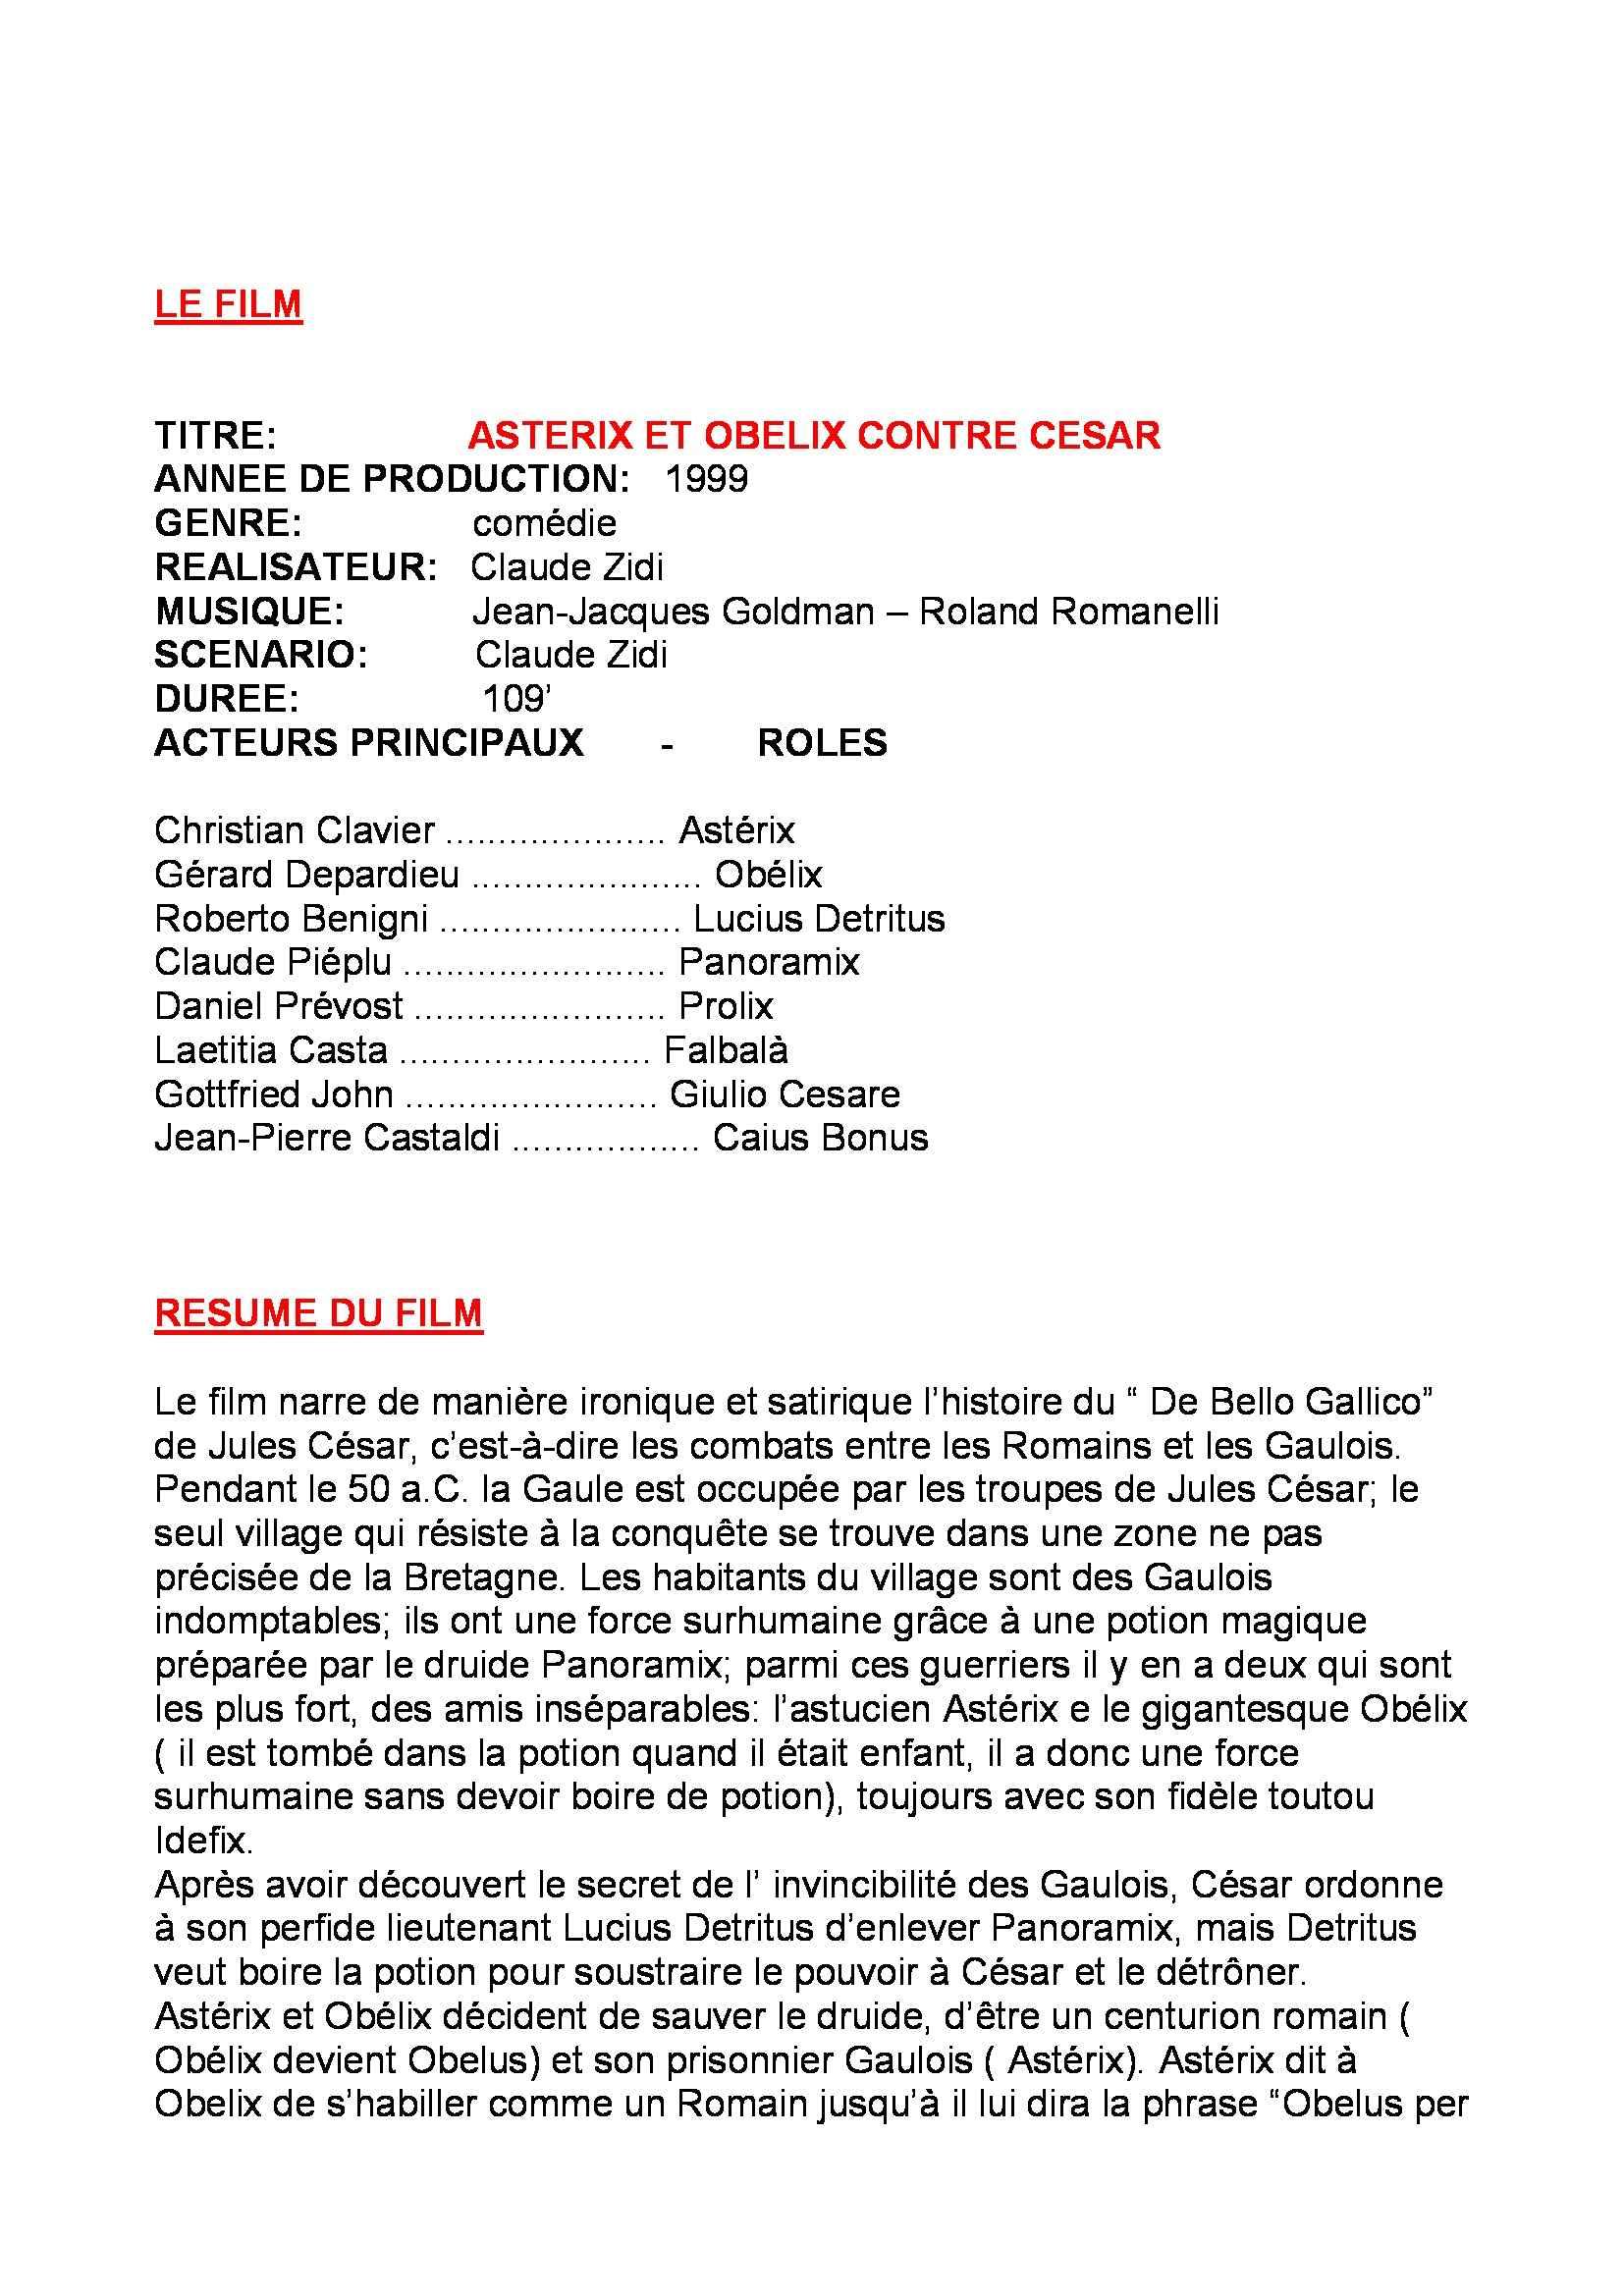 """Lettorato di Lingua francese III - analisi del film """"Asterix et Obelix contre Cesar"""""""